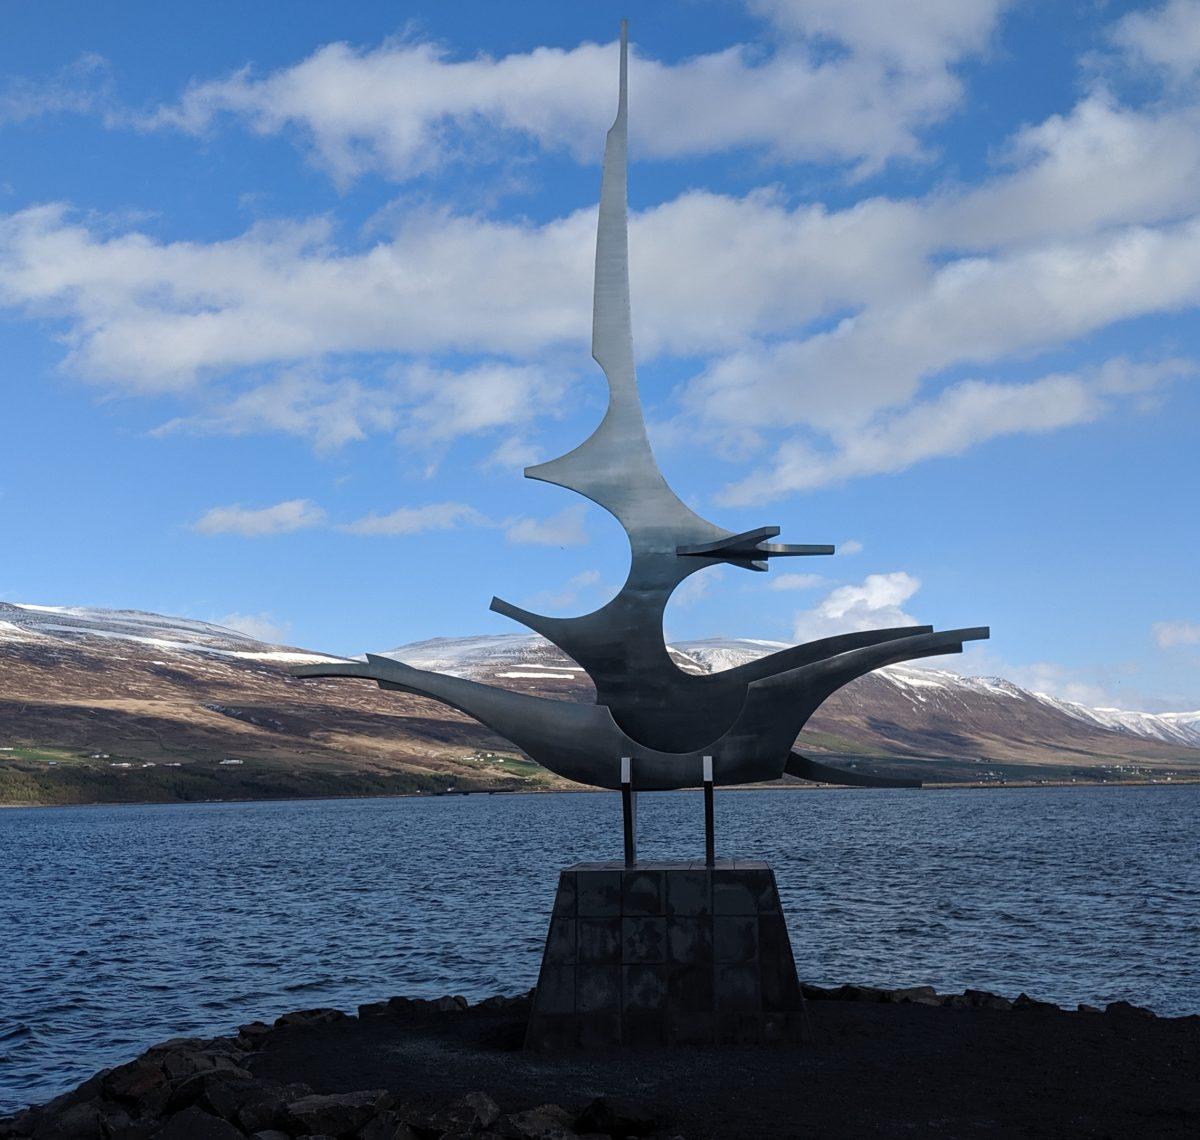 sailing ship sculpture